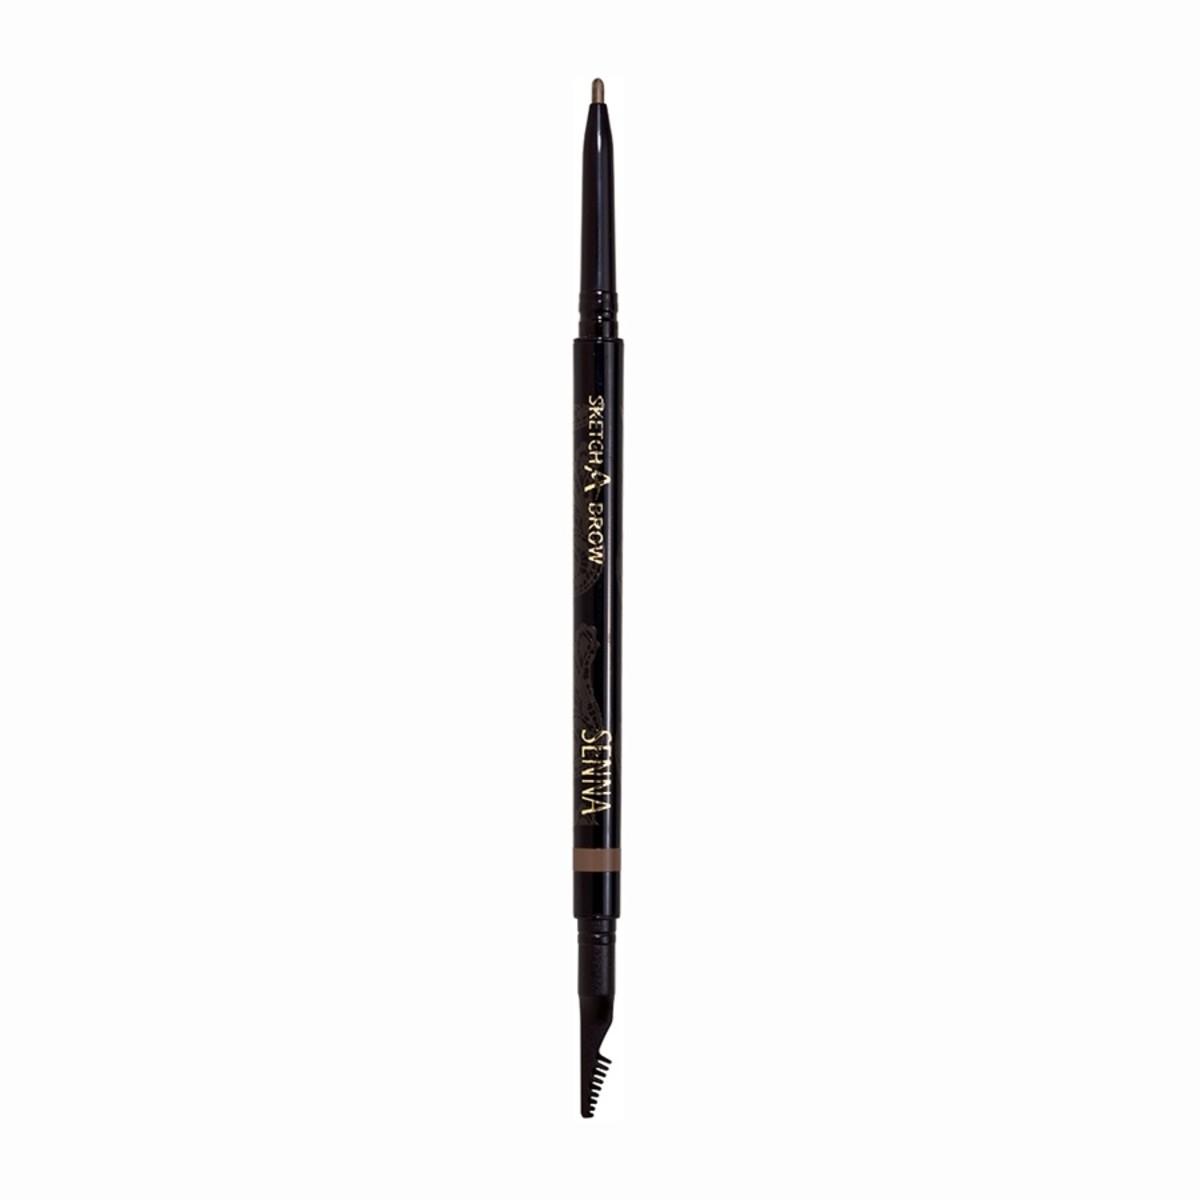 Senna Sketch-A-Brow Pencil